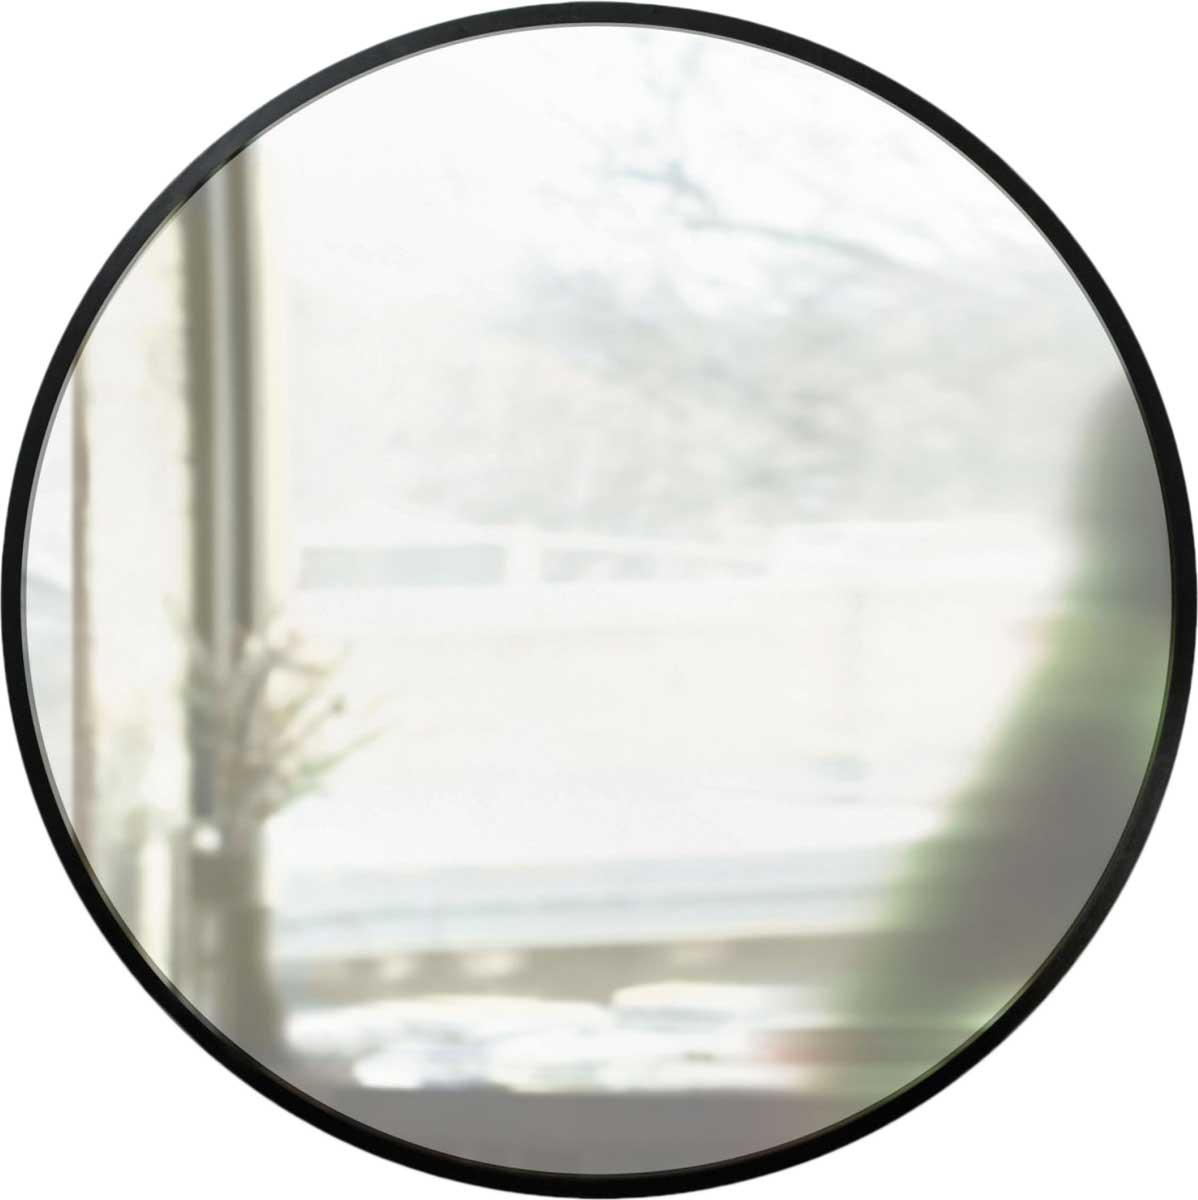 Бестселлер Umbra в уменьшенном варианте — настенное зеркало в черной каучуковой раме. За счет минималистичного дизайна отлично смотрится в современных интерьерах, визуально расширяет пространство и наполняет его светом. Сочетается с другими предметами из коллекции Hub.Дизайнер Paul Rowan.Диаметр 61 см.